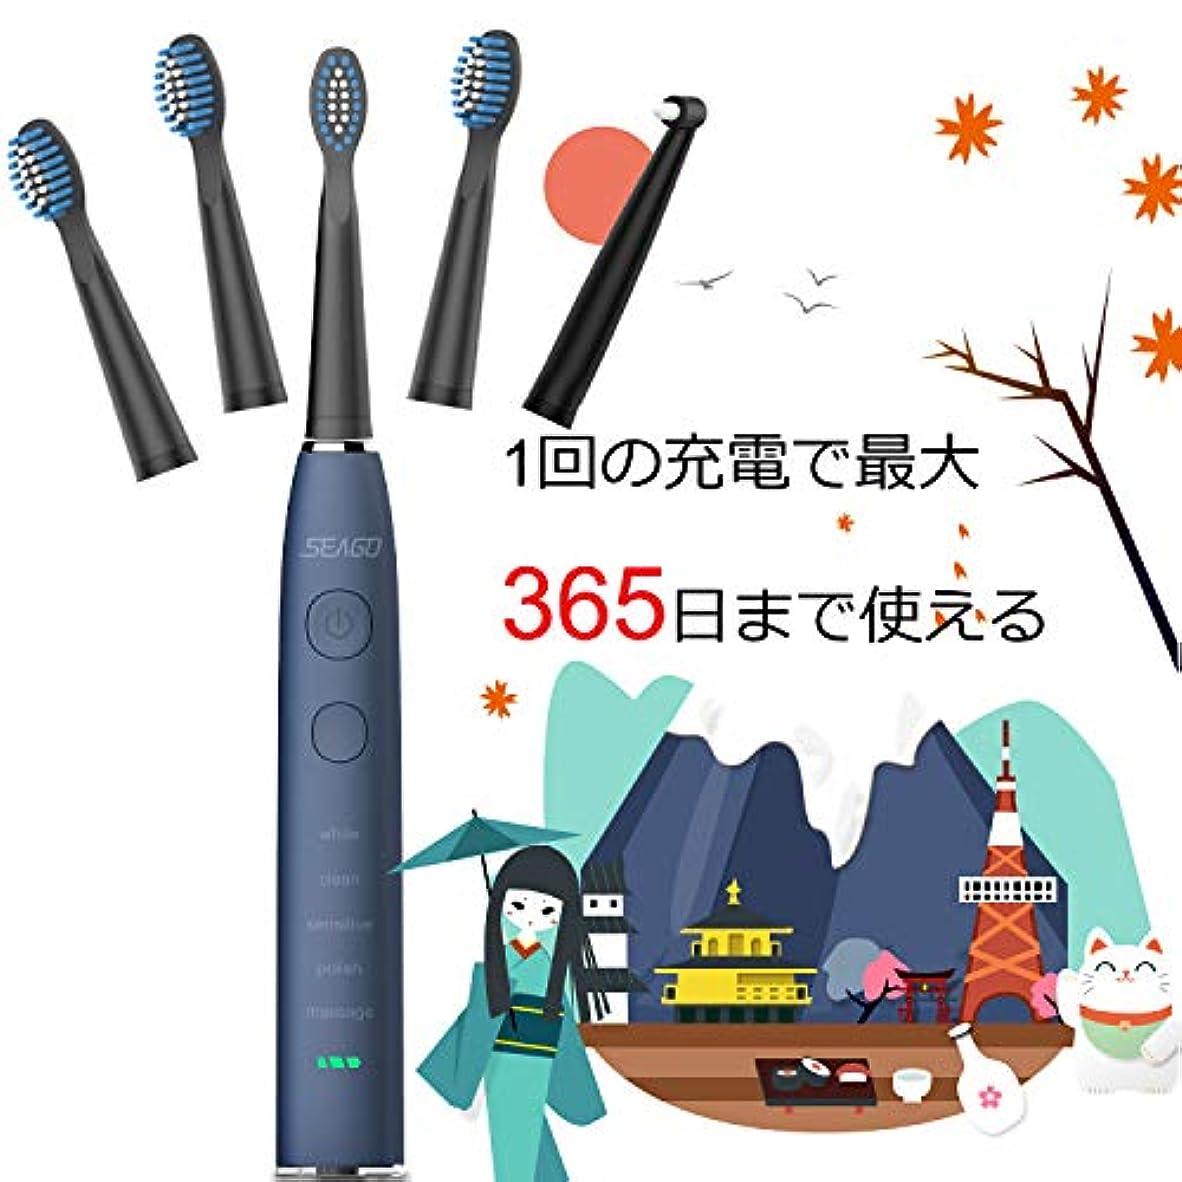 ビン幻想的盗難電動歯ブラシ 歯ブラシ seago 音波歯ブラシ USB充電式8時間 365日に使用 IPX7防水 五つモードと2分オートタイマー機能搭載 替えブラシ5本 12ヶ月メーカー保証 SG-575(ブルー)